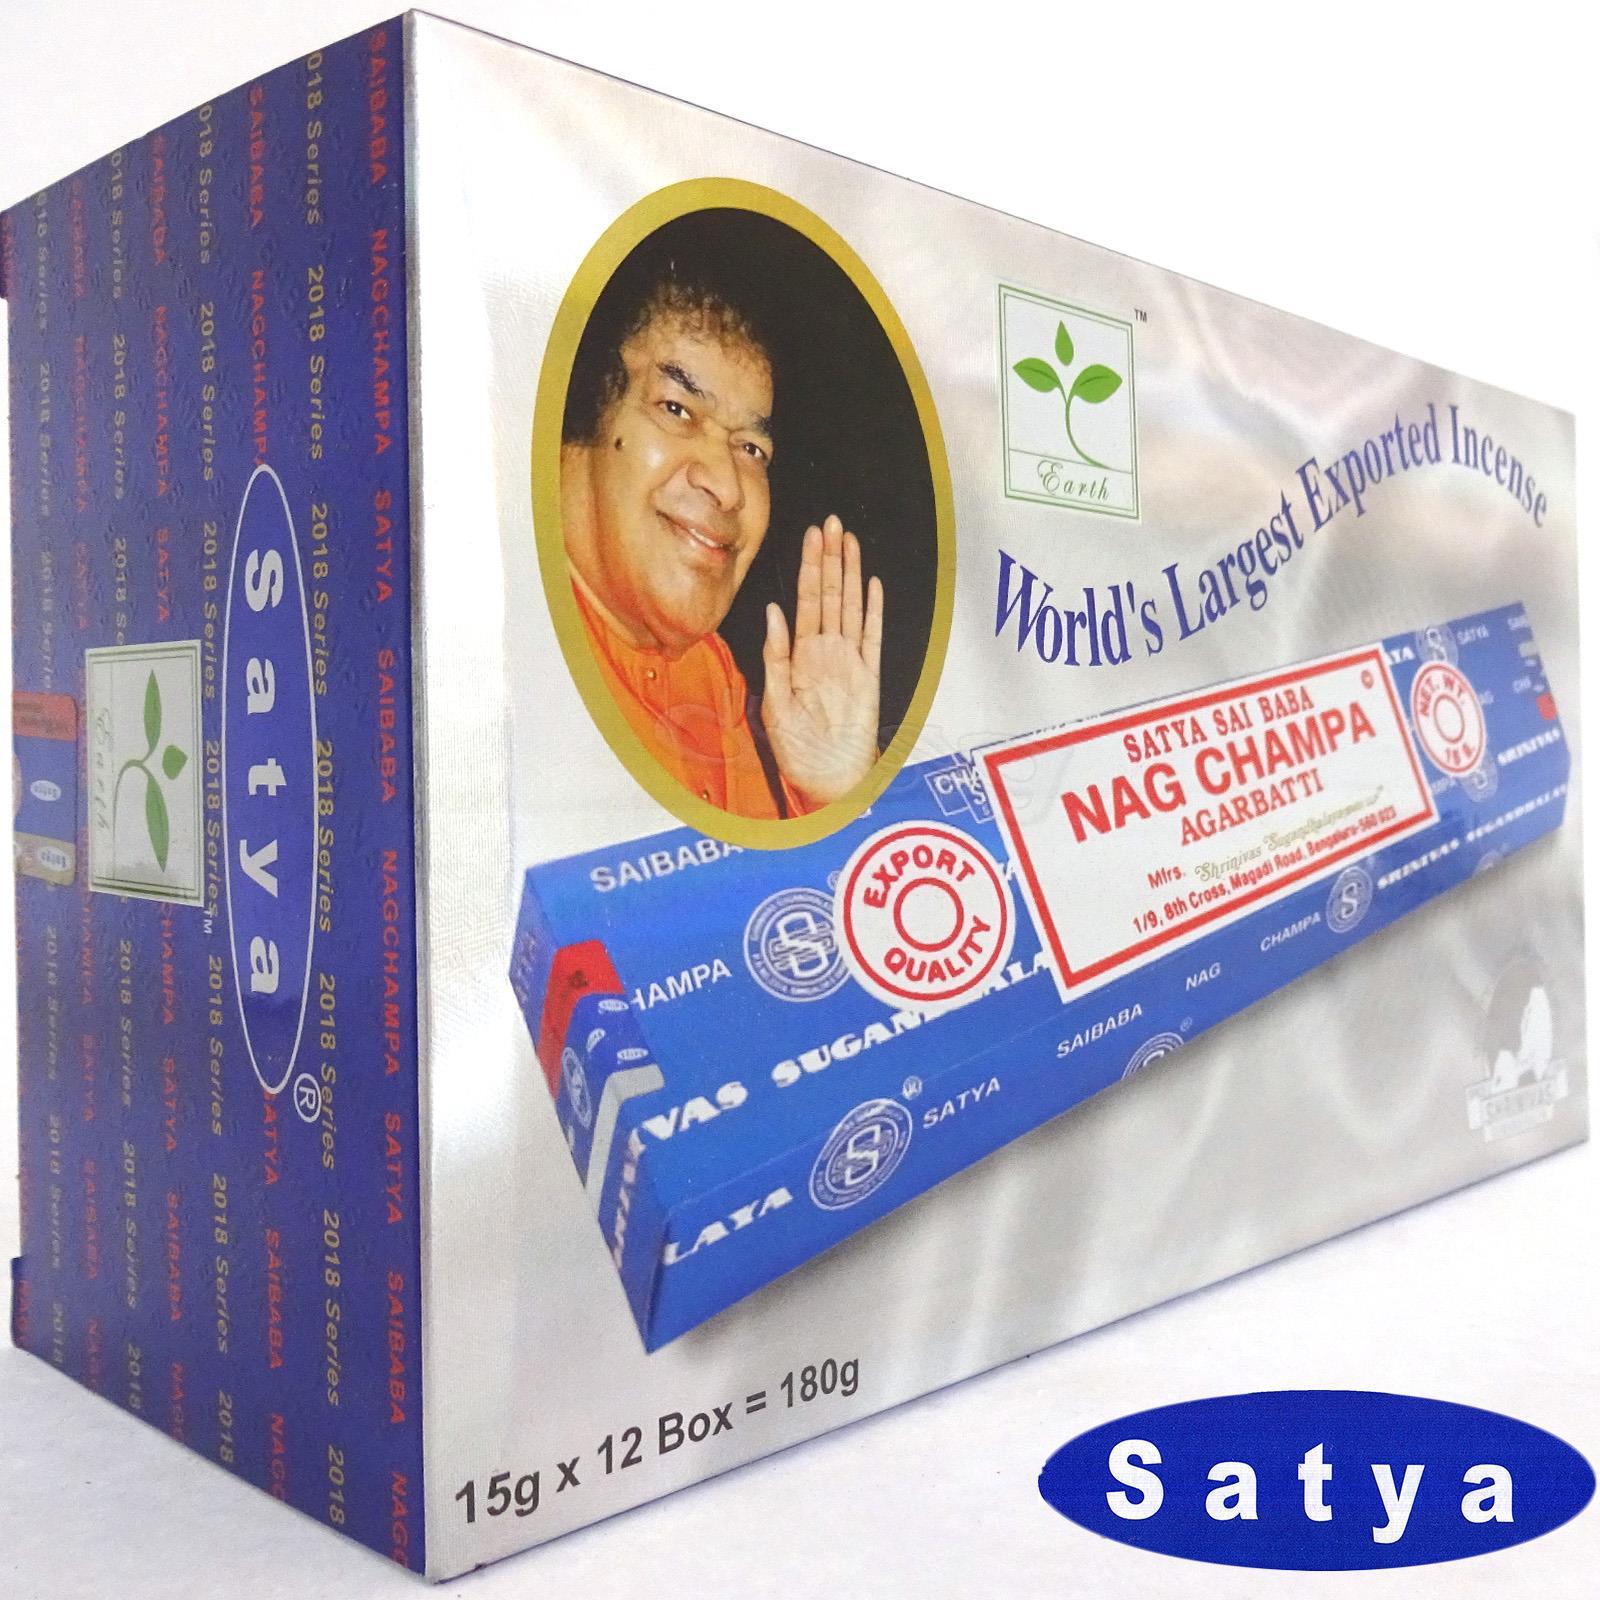 BLACK CHAMPA von Satya BNG Earth 12x 15g BIG PACK Aroma Nag Champa Incense